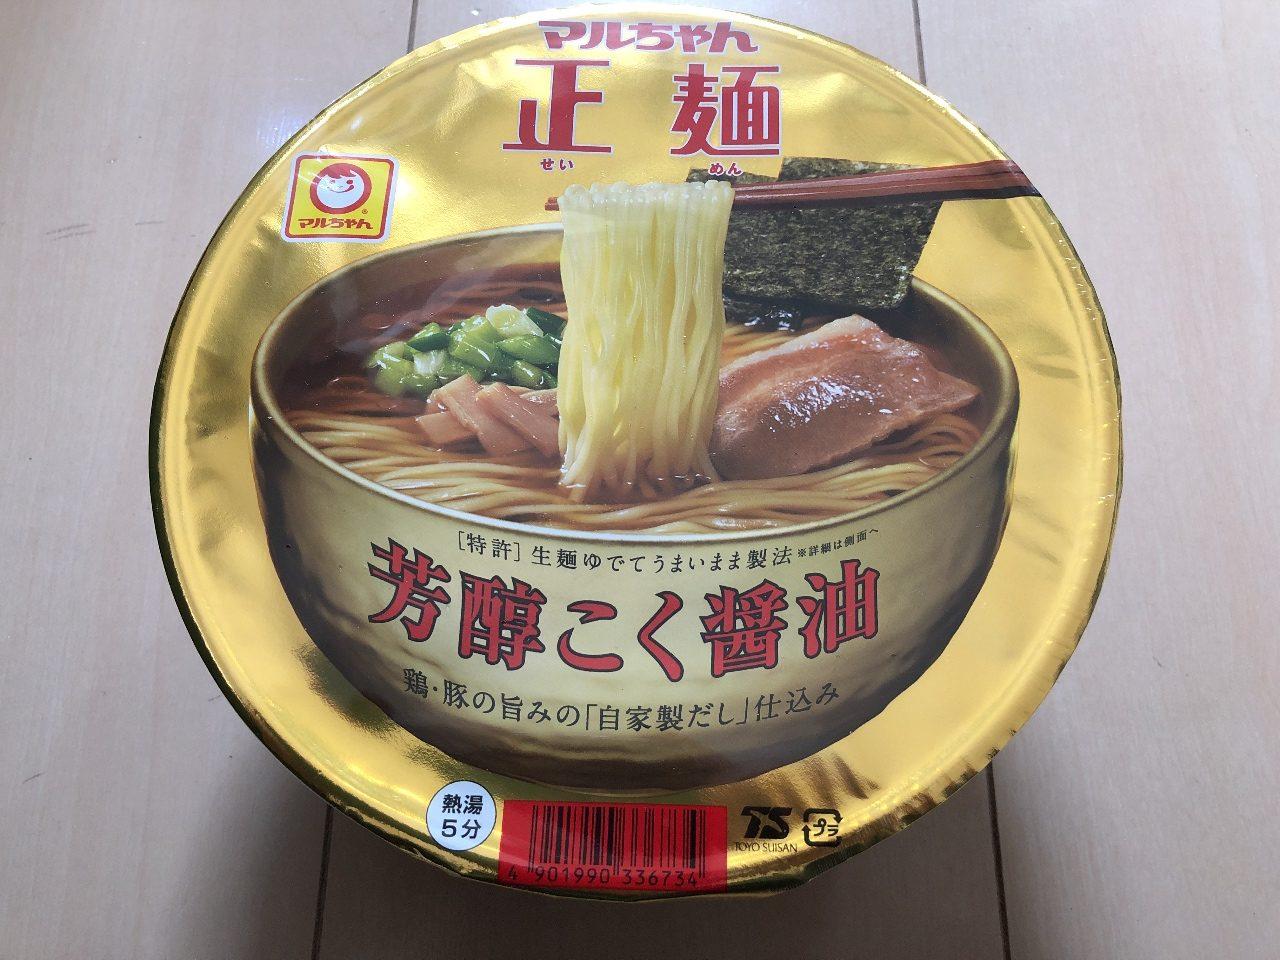 マルちゃん正麺カップ 「芳醇こく醤油」